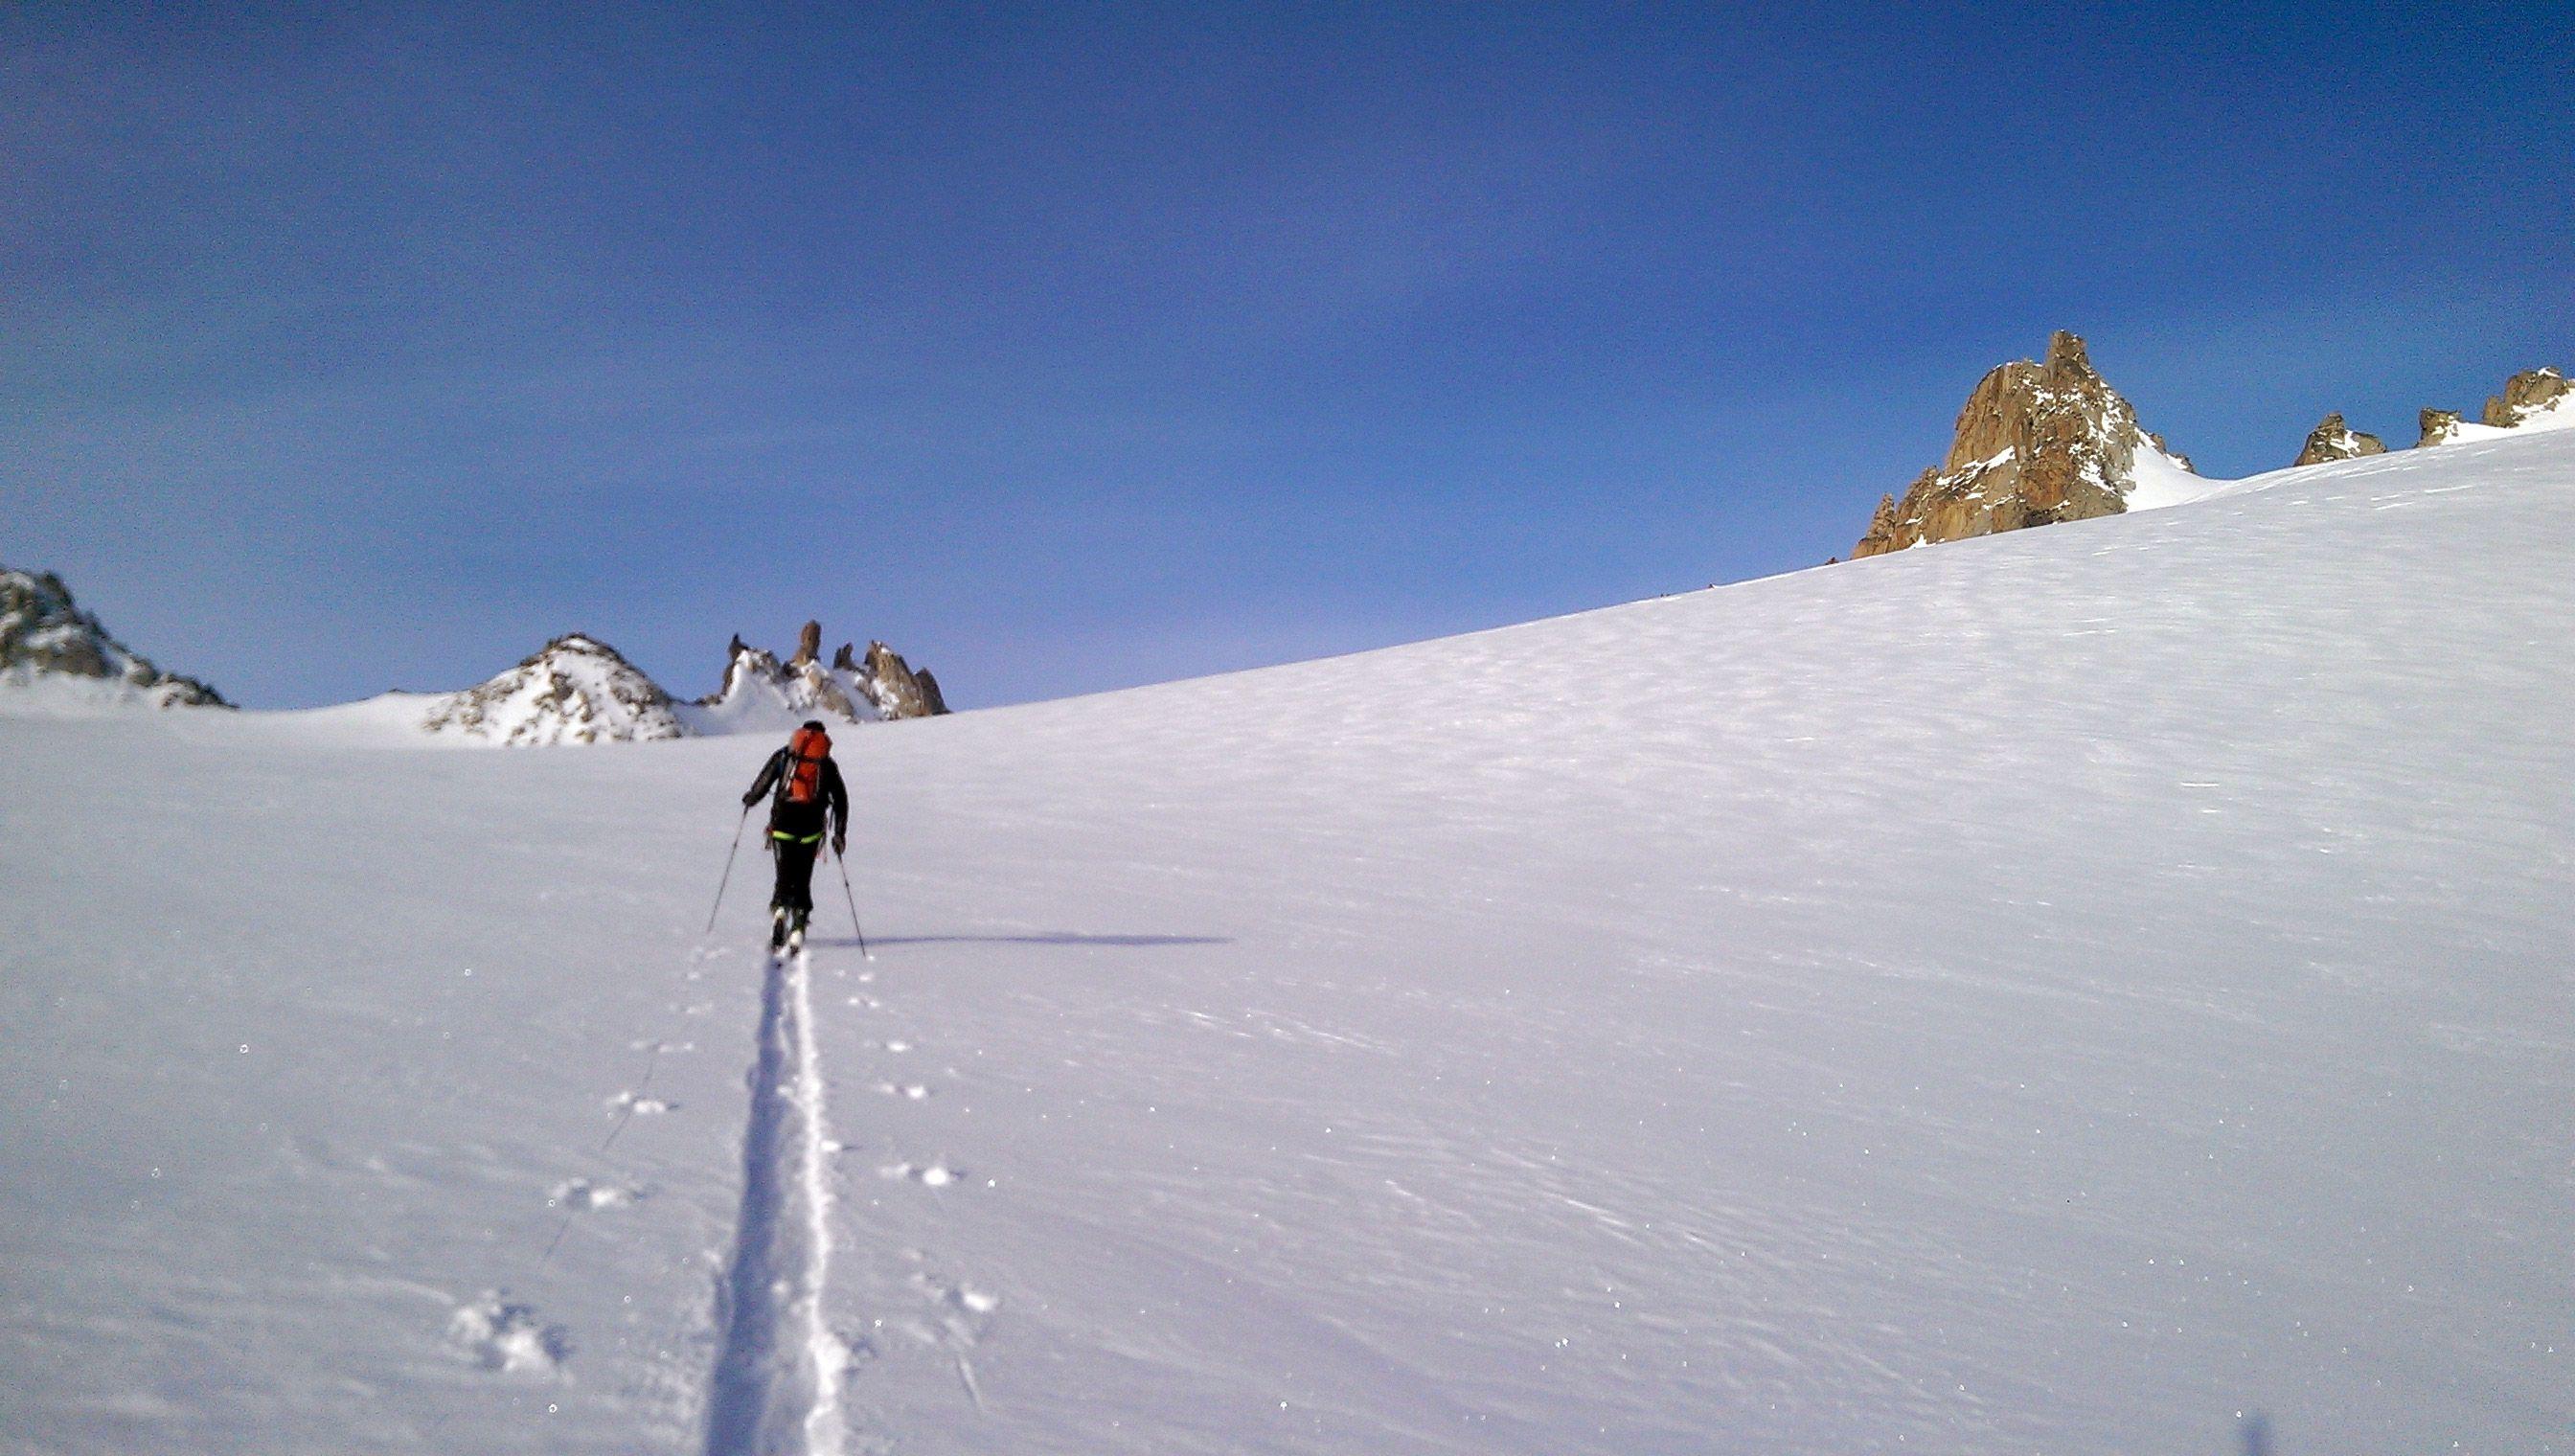 AlbertoEpic cruzando el plateau de Trient